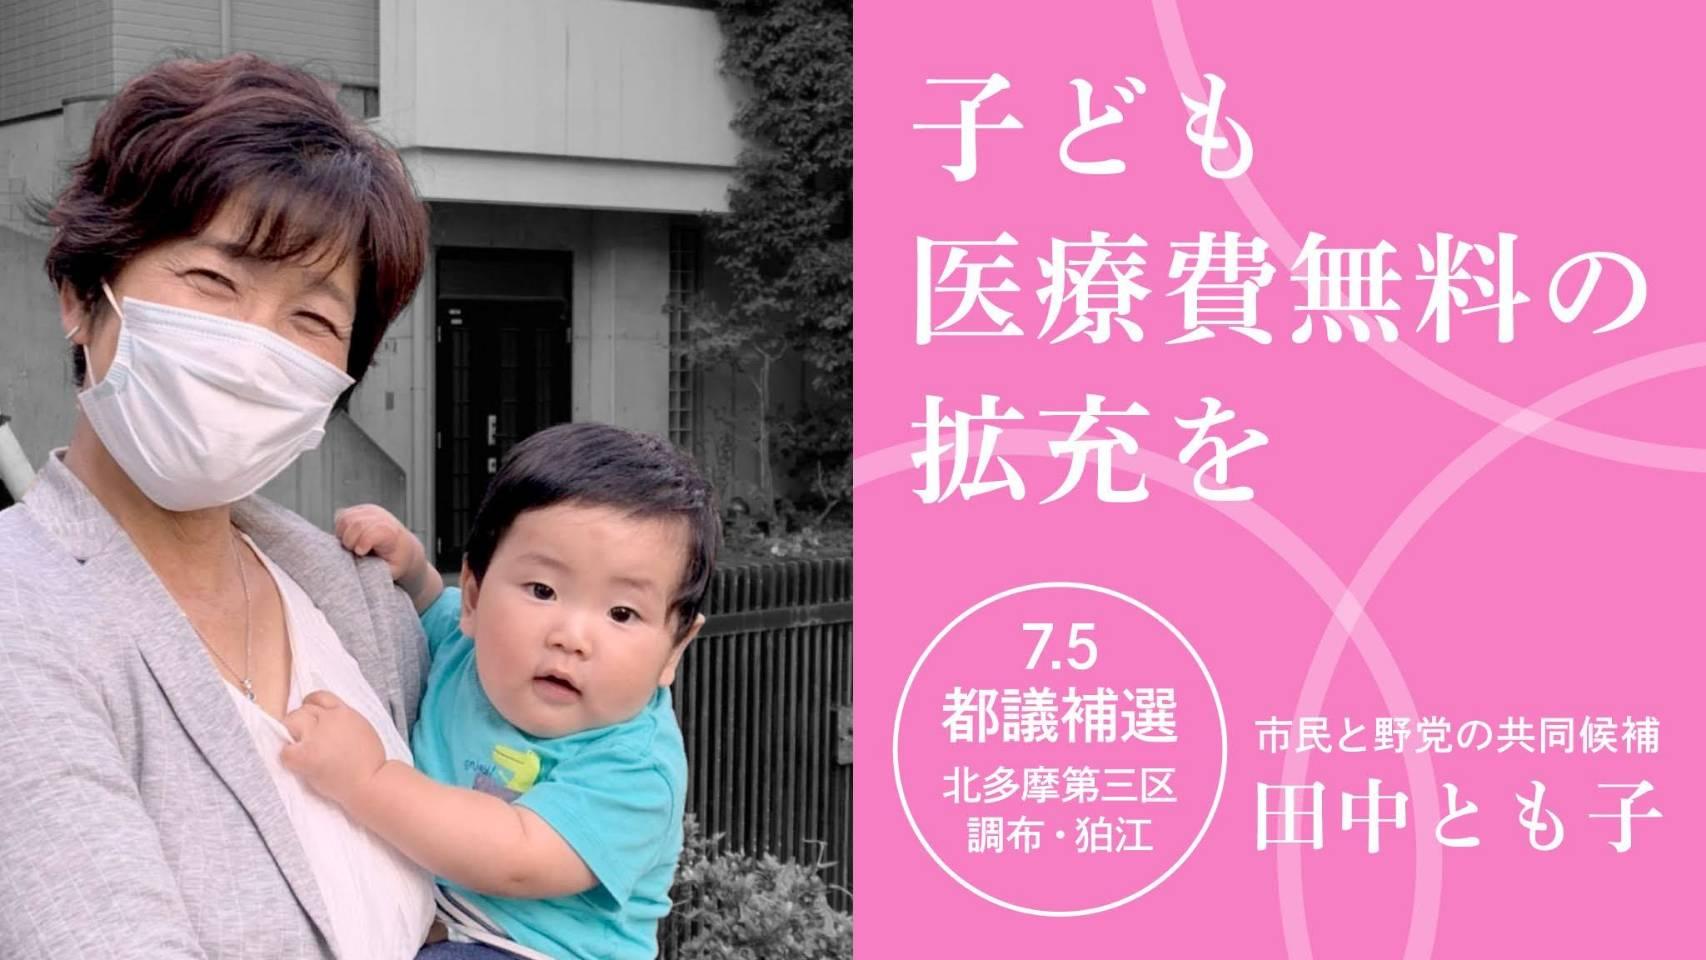 【田中とも子政策バナー】子ども医療費無料の拡充を